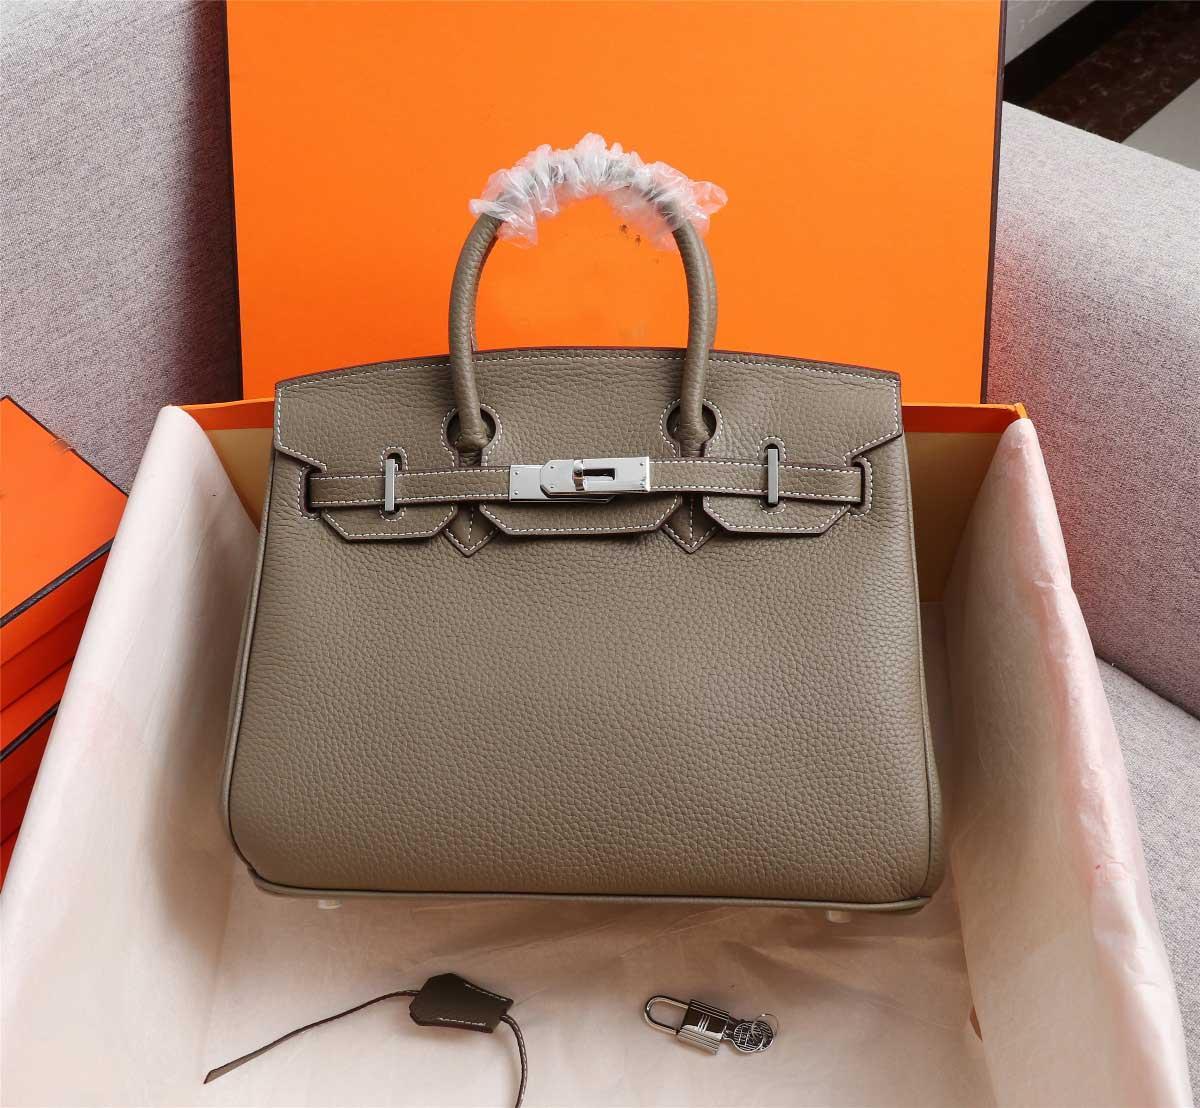 Heiß Verkauft Mode Echtes Leder Frauen Bostonbag Neue Geldbörse Crossbody Taschen Designer Handtasche Aktentasche Weibliche Paket berühmte Logo Ladys Tasche